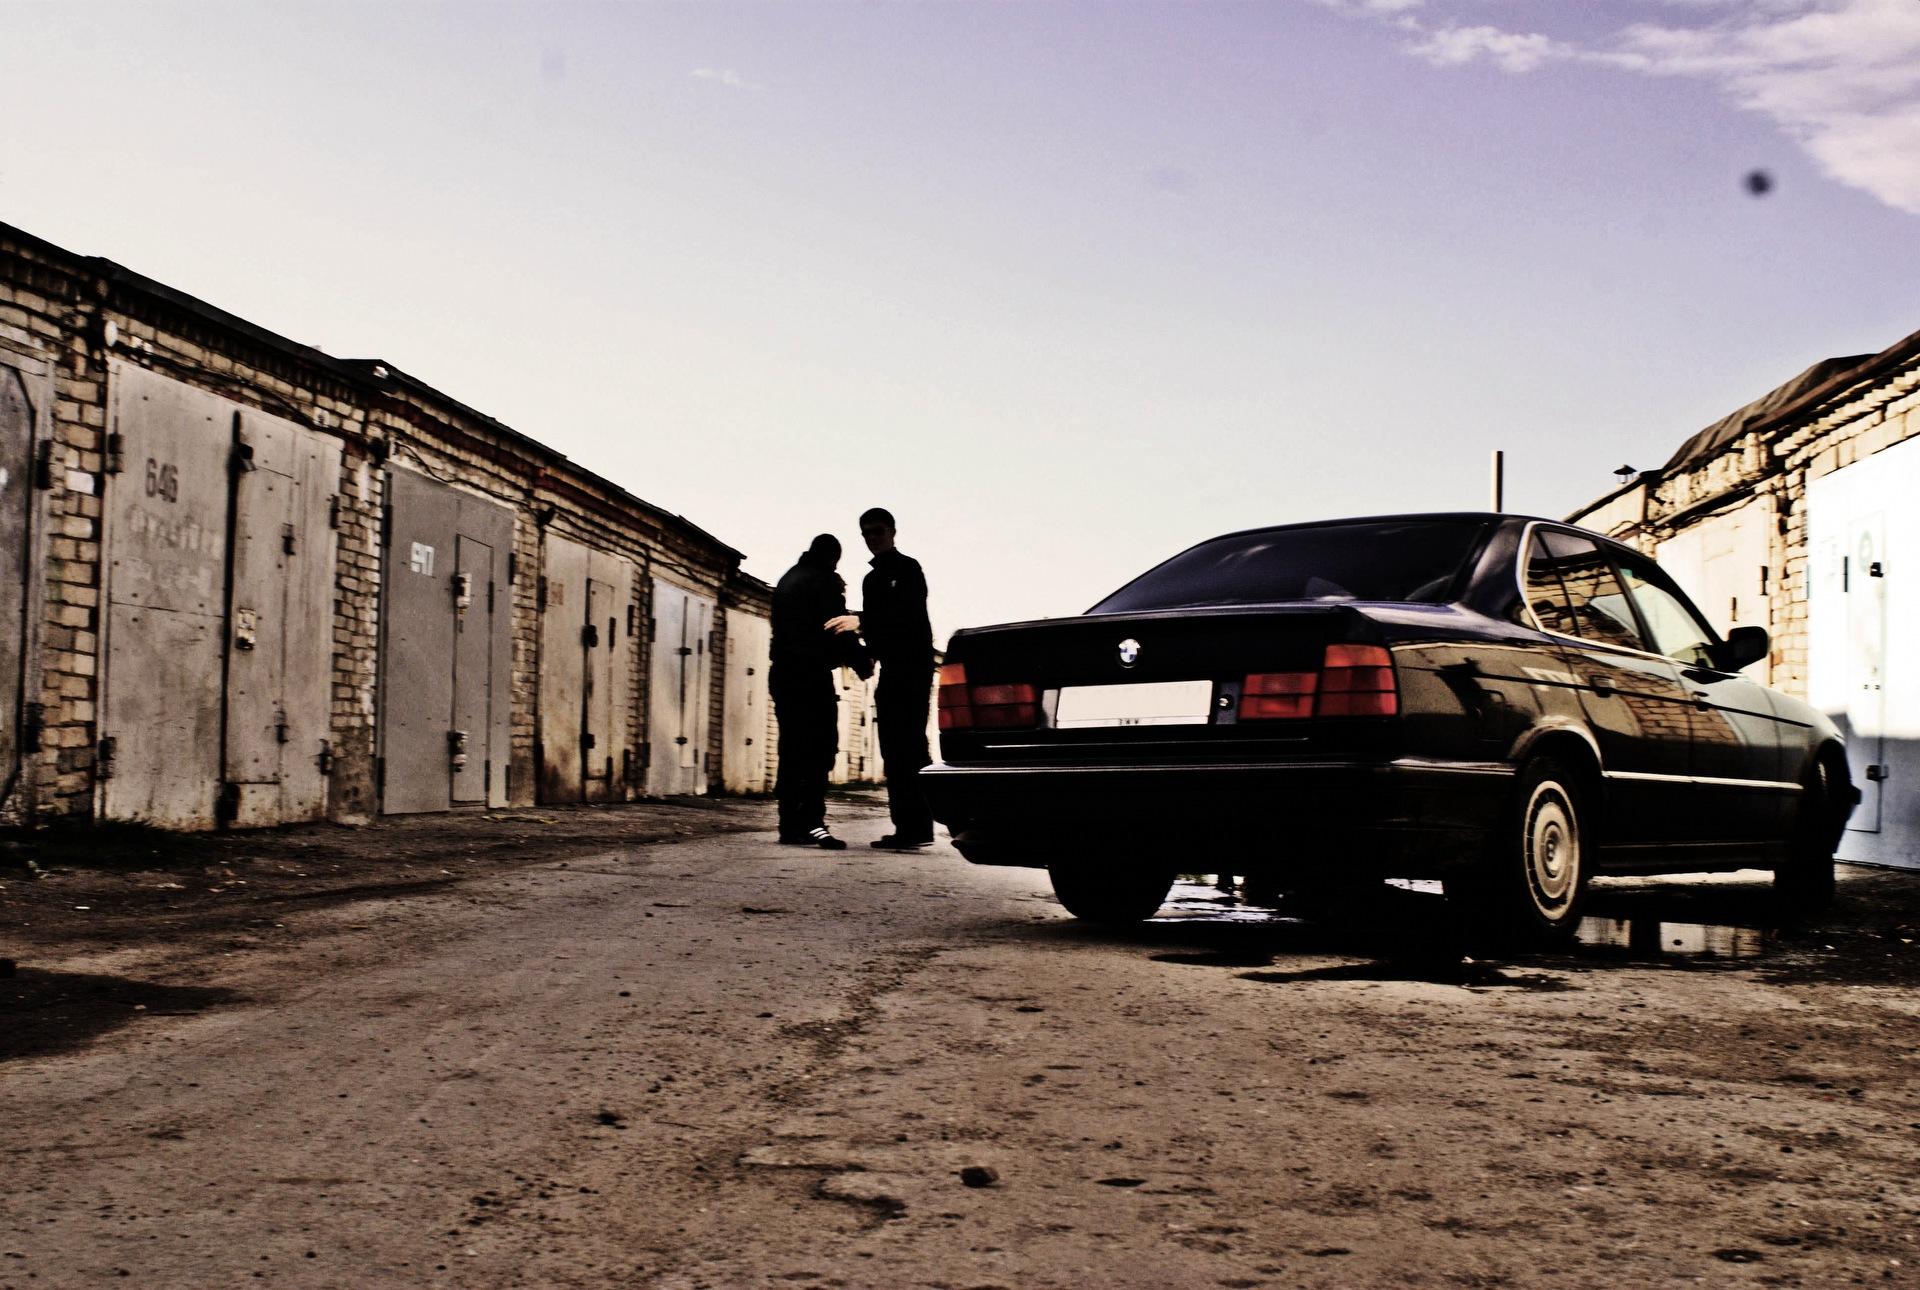 Фото клуб инфинити оренбург увеличения